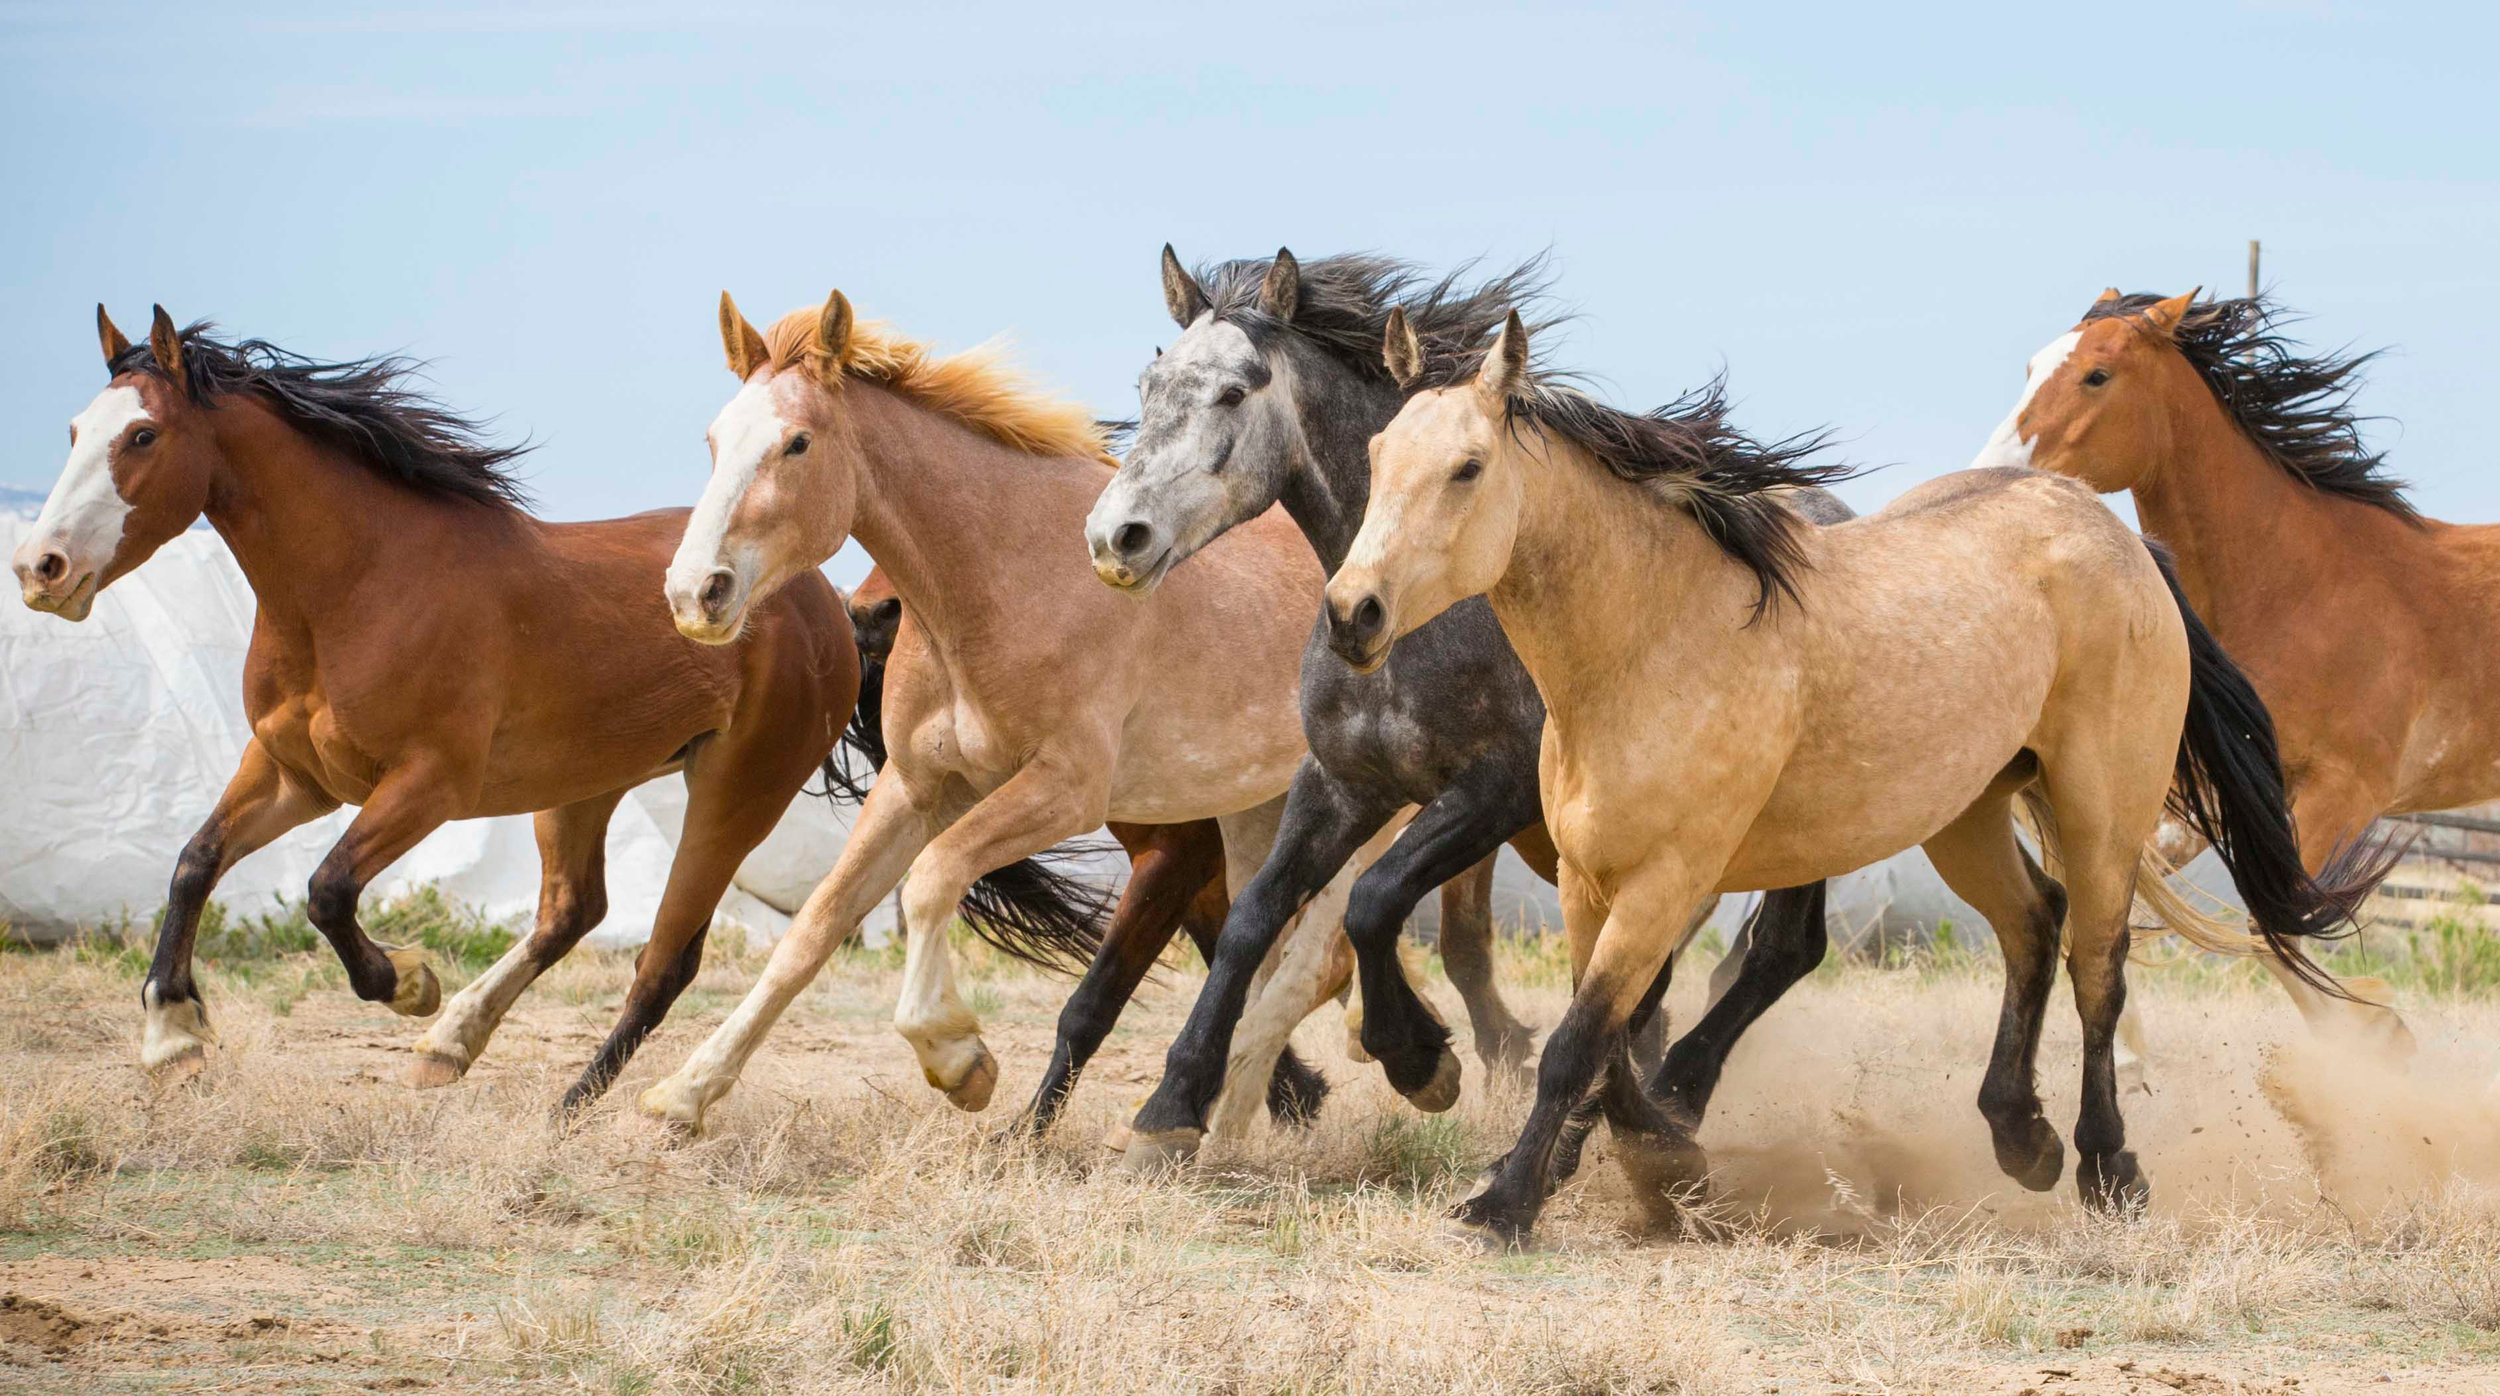 cervi herd web-4587-2.jpg